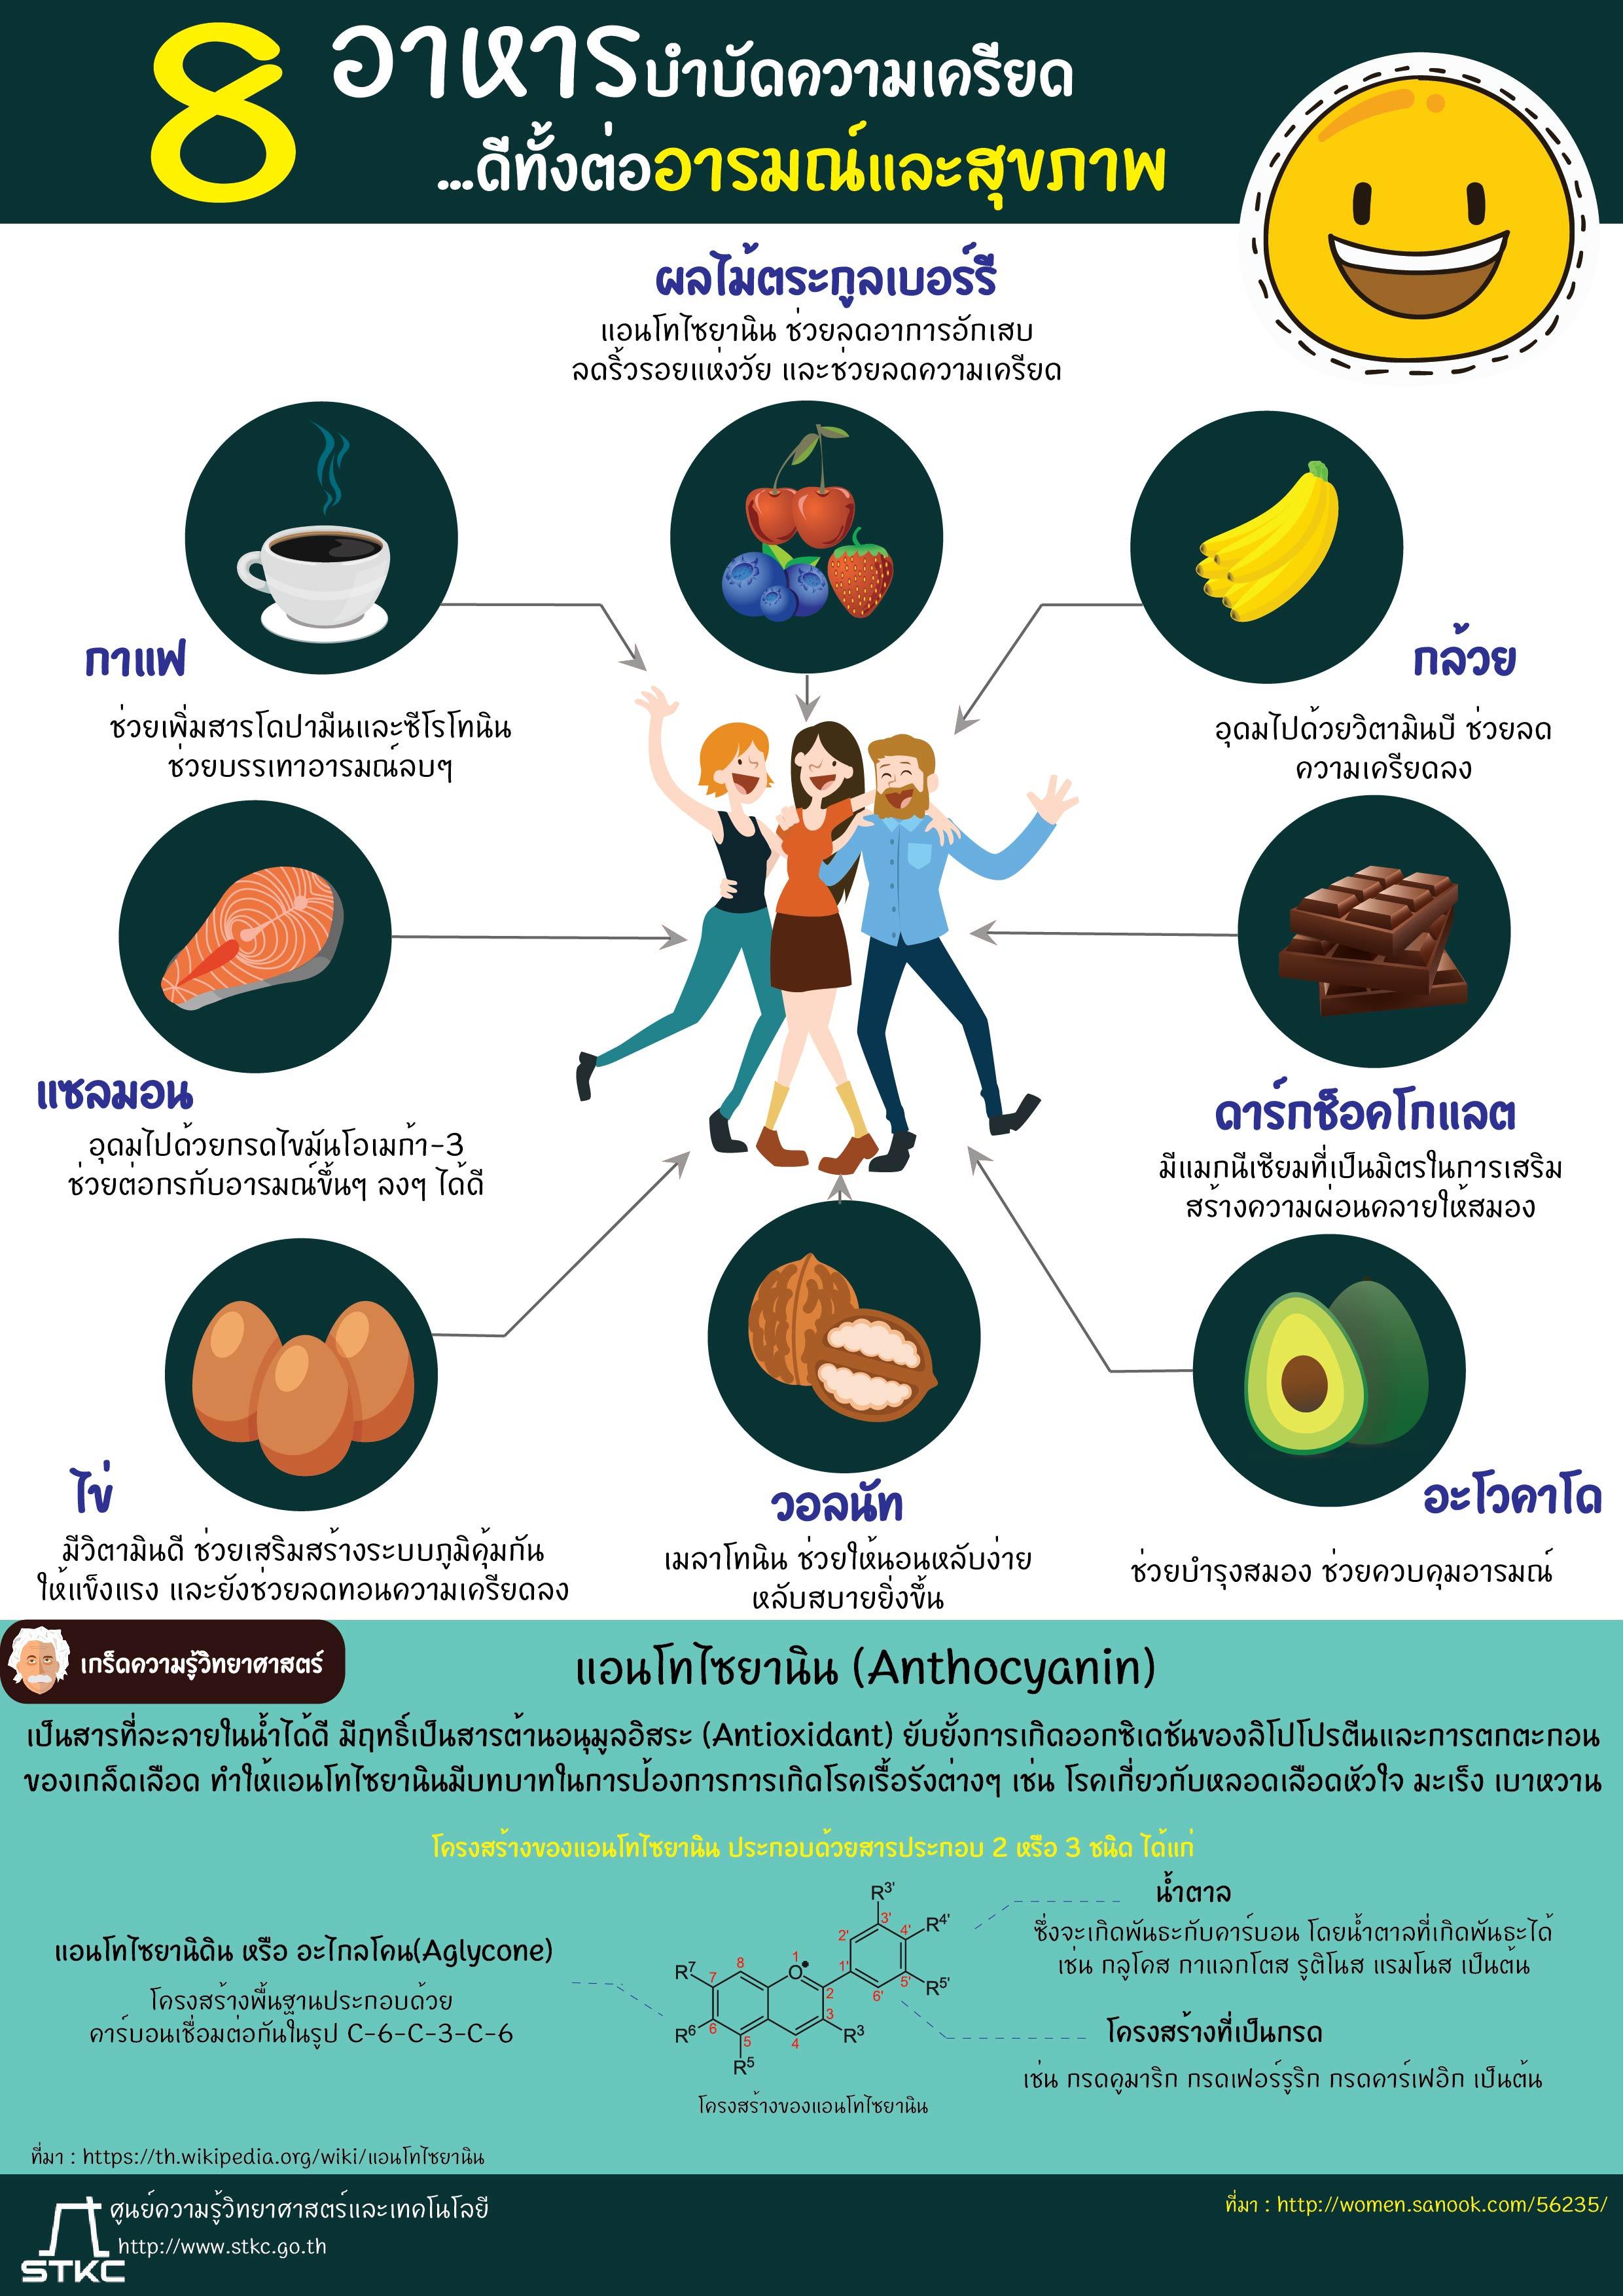 8 อาหารบำบัดความเครียด ดีทั้งต่ออารมณ์และสุขภาพ